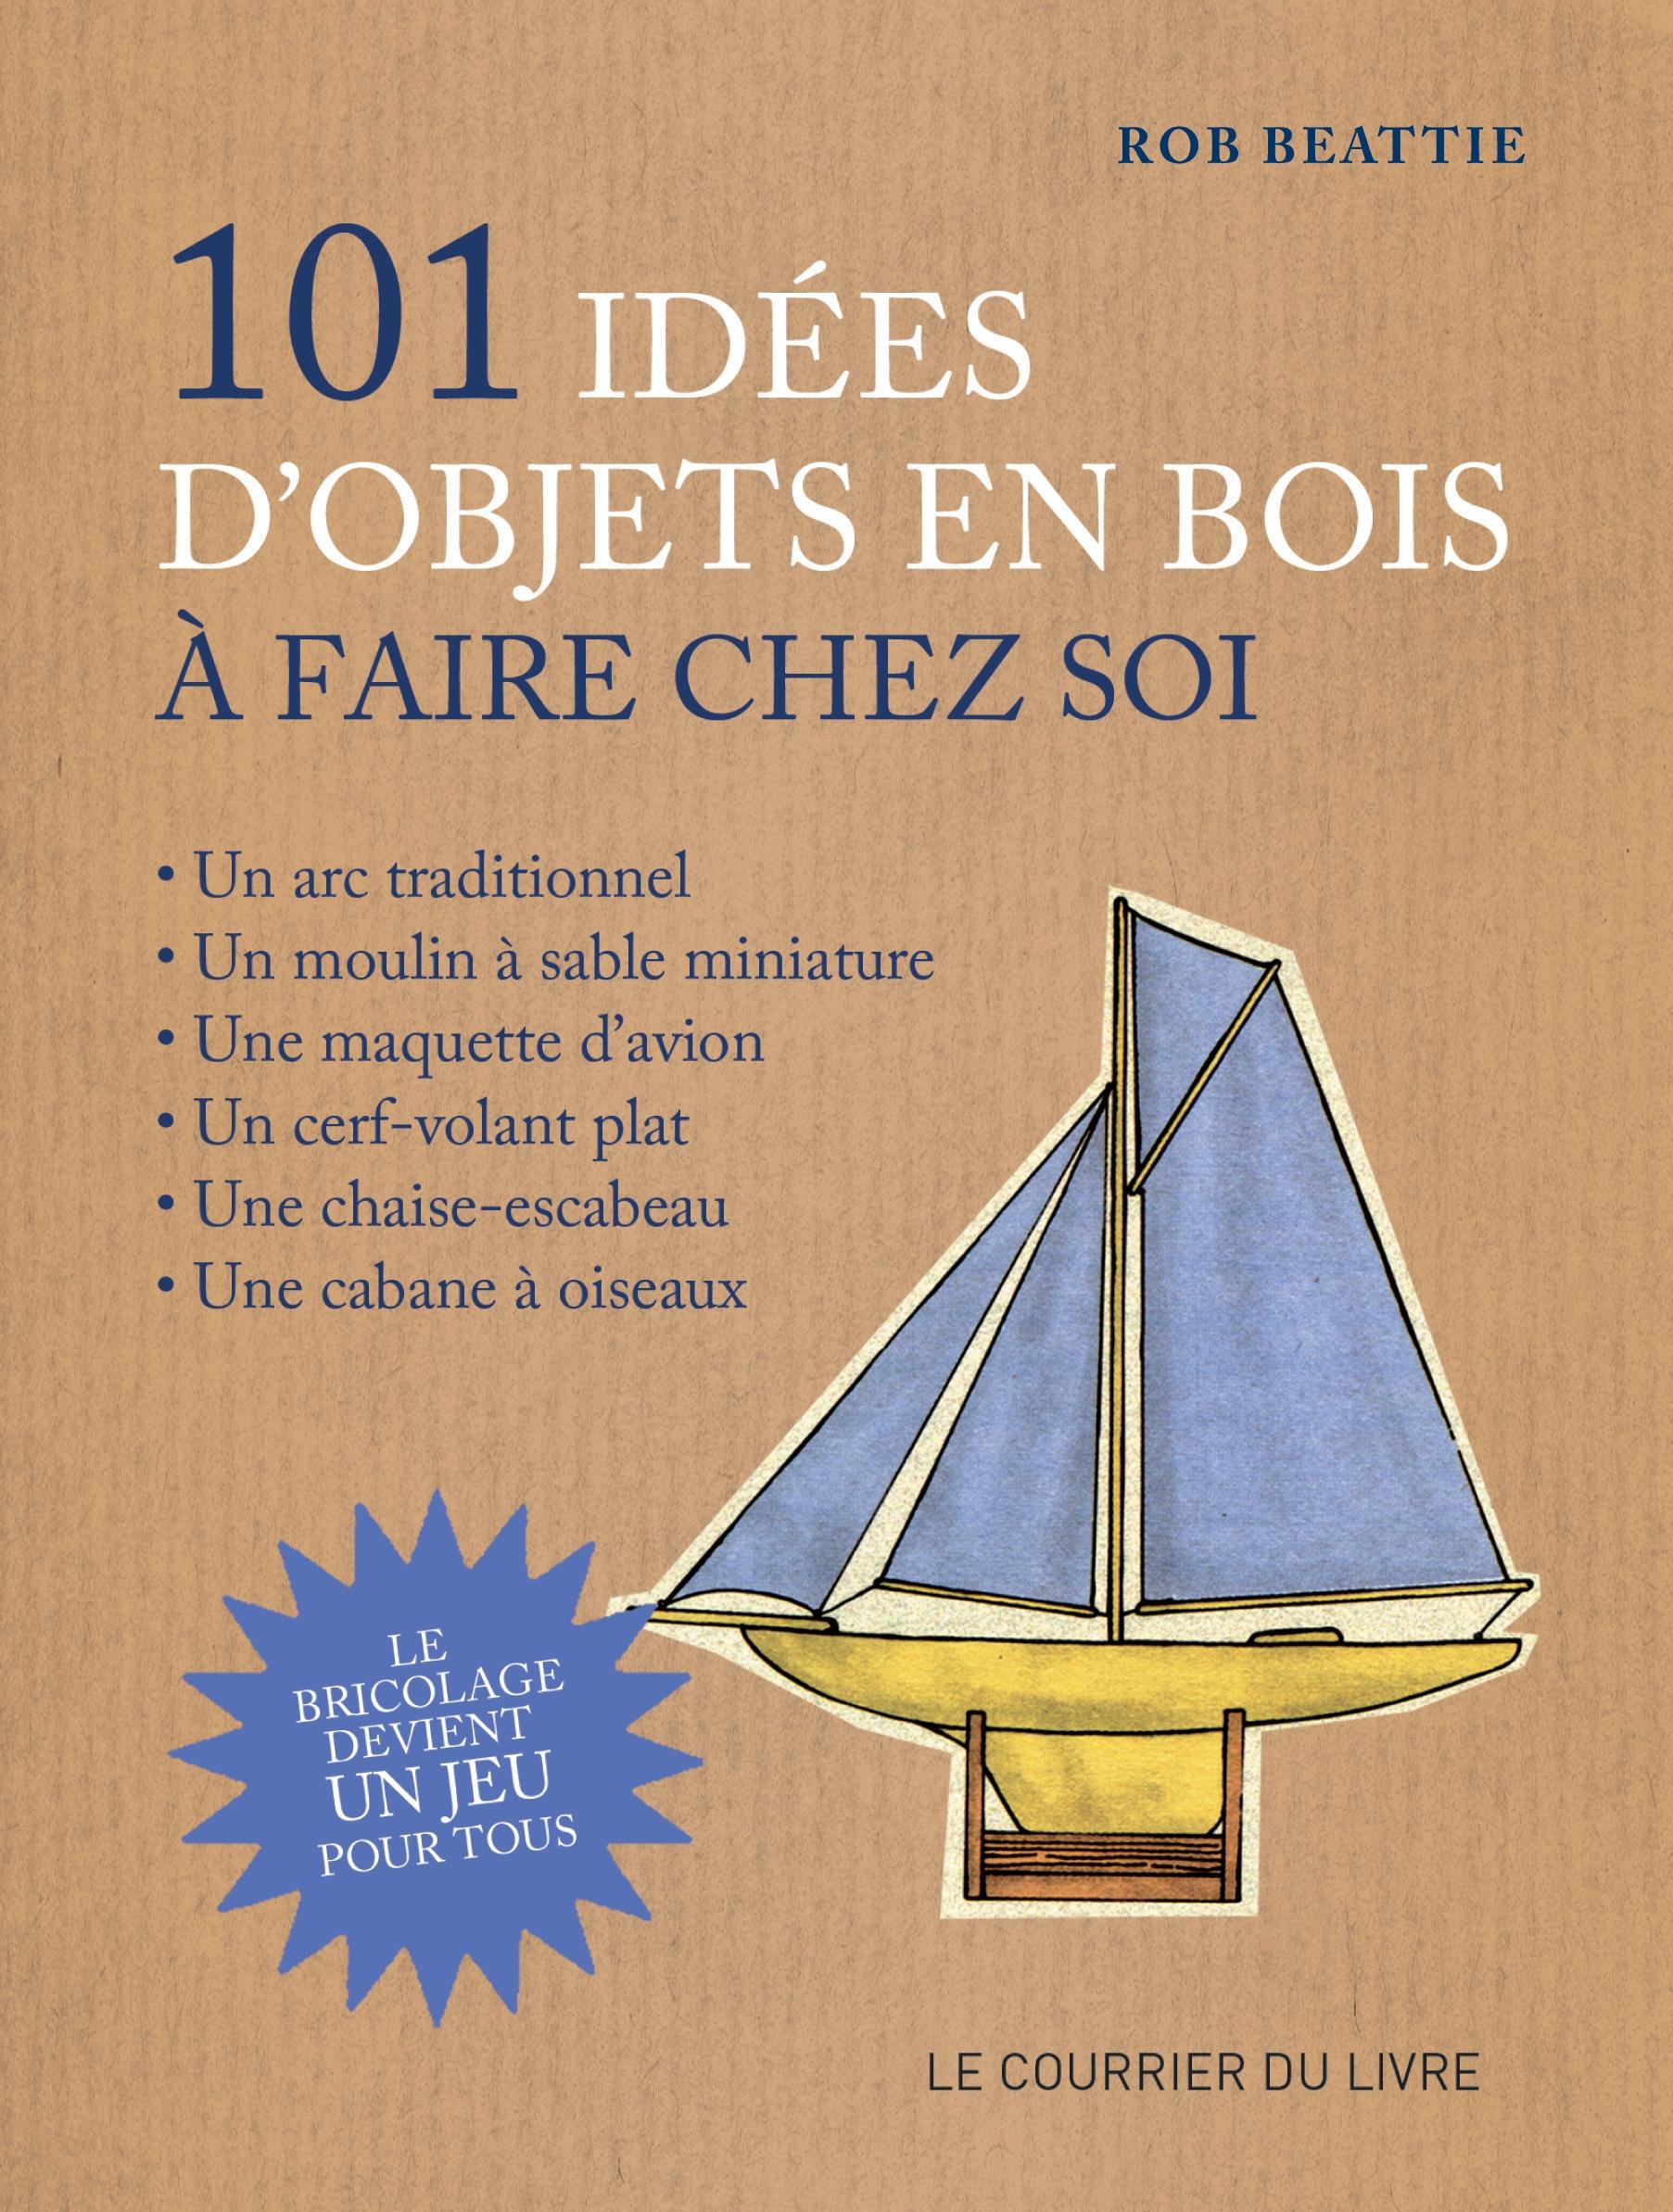 101 id es d 39 objets en bois faire chez soi rob beattie. Black Bedroom Furniture Sets. Home Design Ideas